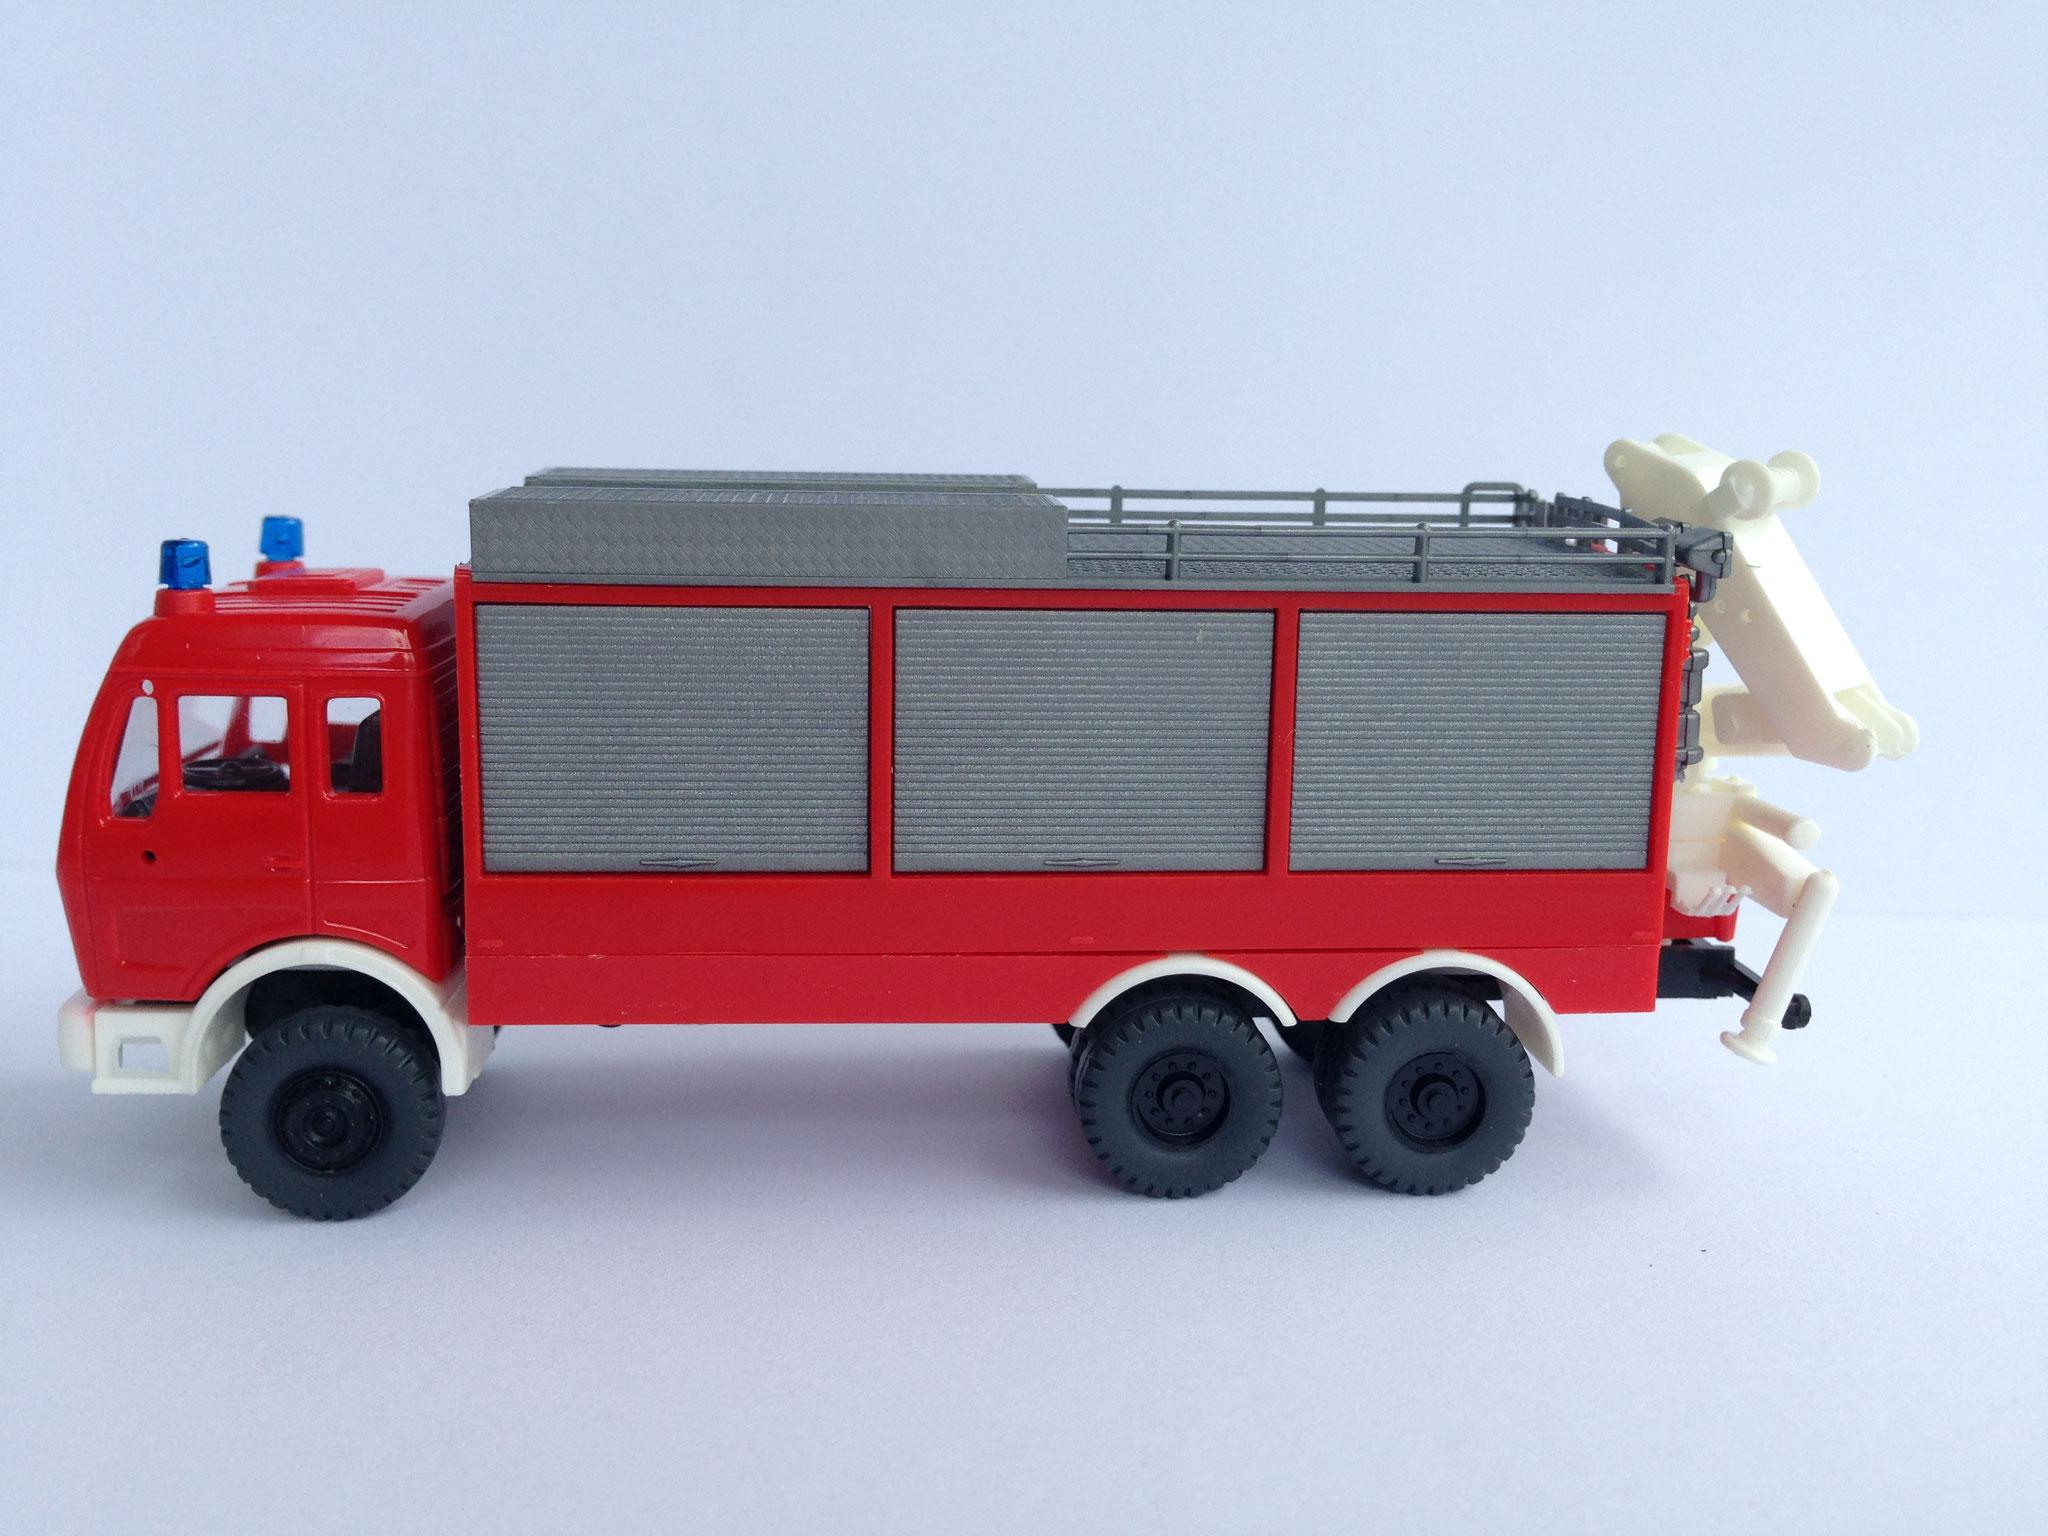 Feuerwehr, 3-Achser Feuerwehrrüstwagen mit Kran, Art. Nr. 475 (ab 1987 im Programm)